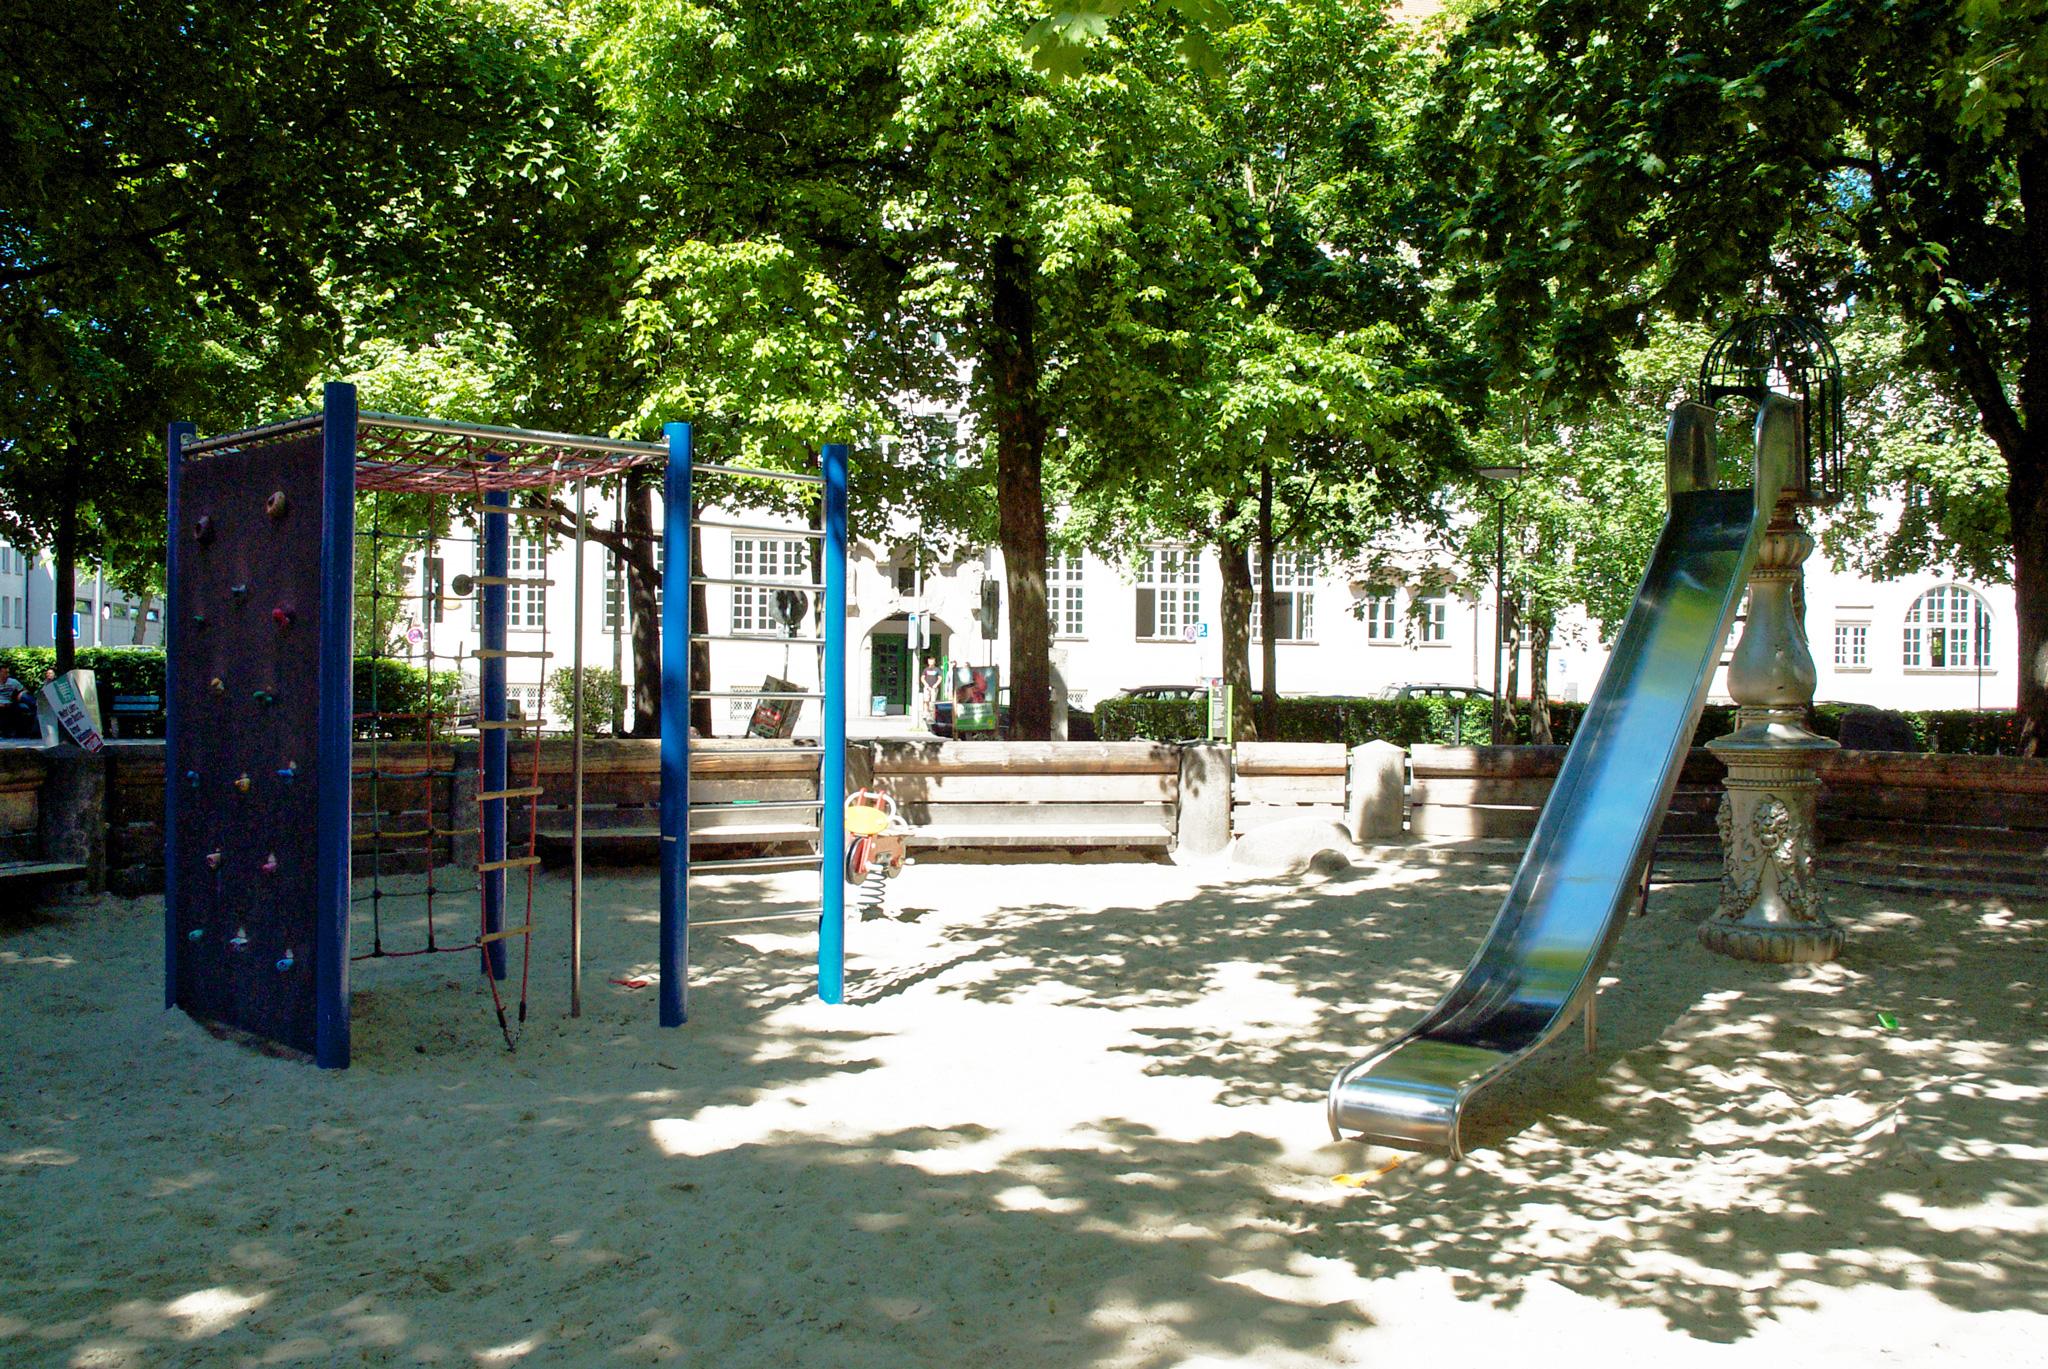 Der Kinderspielplatz im Zentrum des Elisabethplatzes